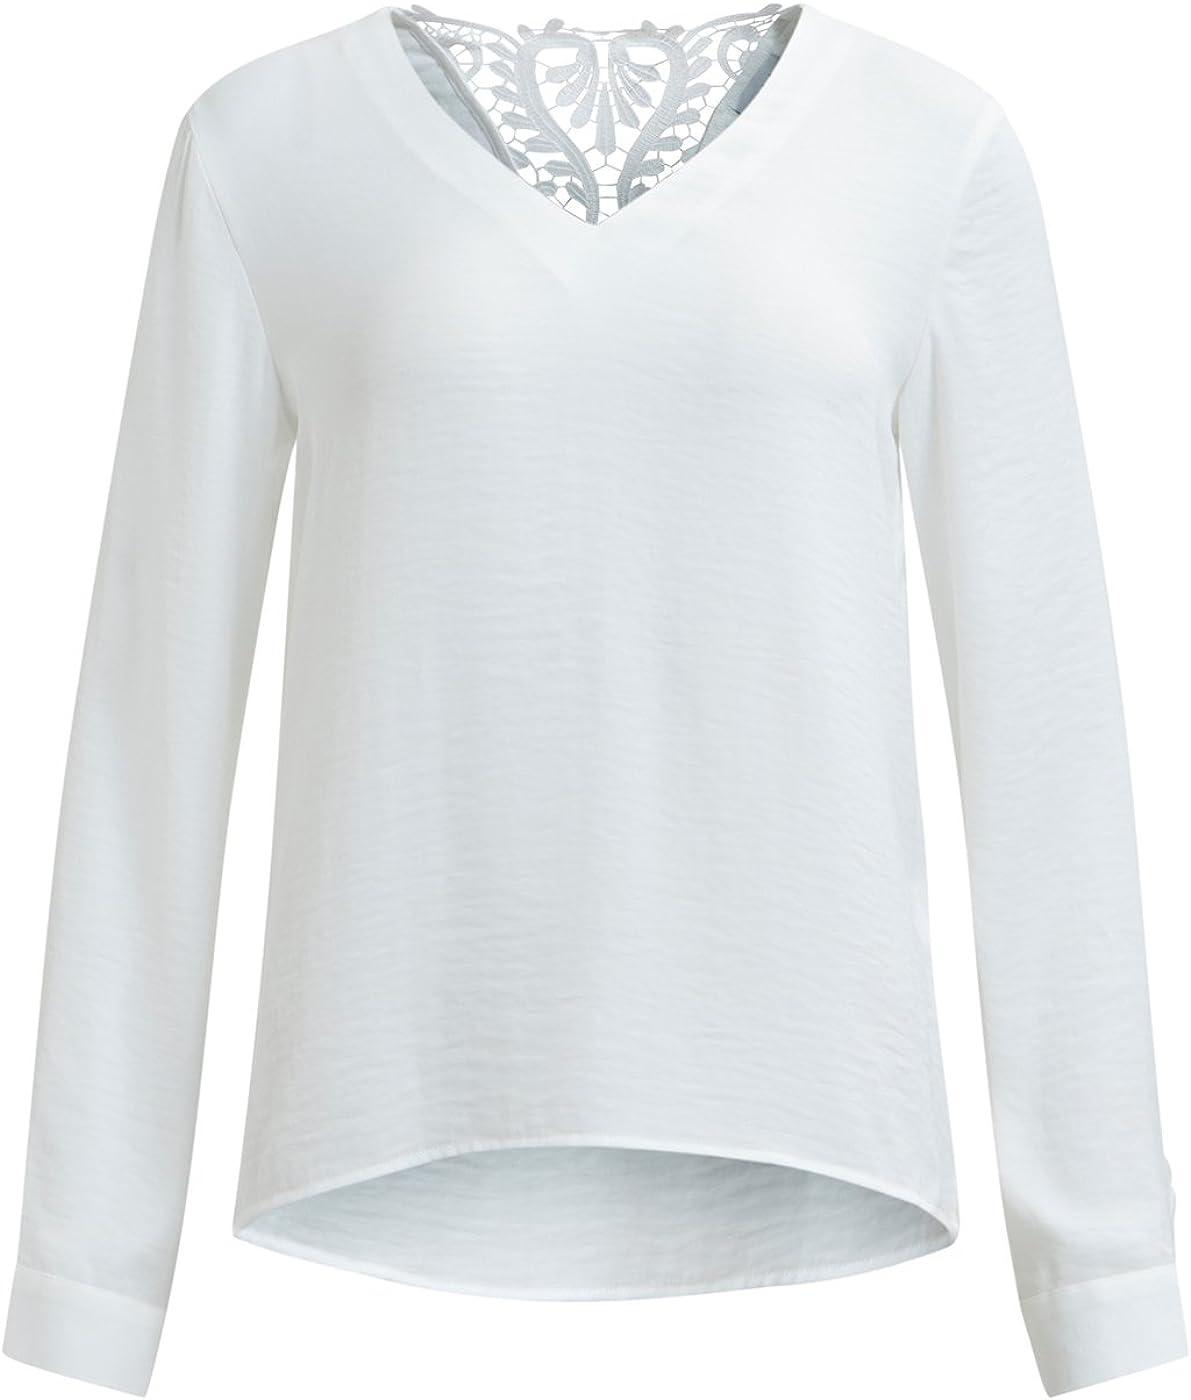 Vila Blusa ibicenca Crochet Espalda Vilaceback Clothes (S - Blanco): Amazon.es: Ropa y accesorios